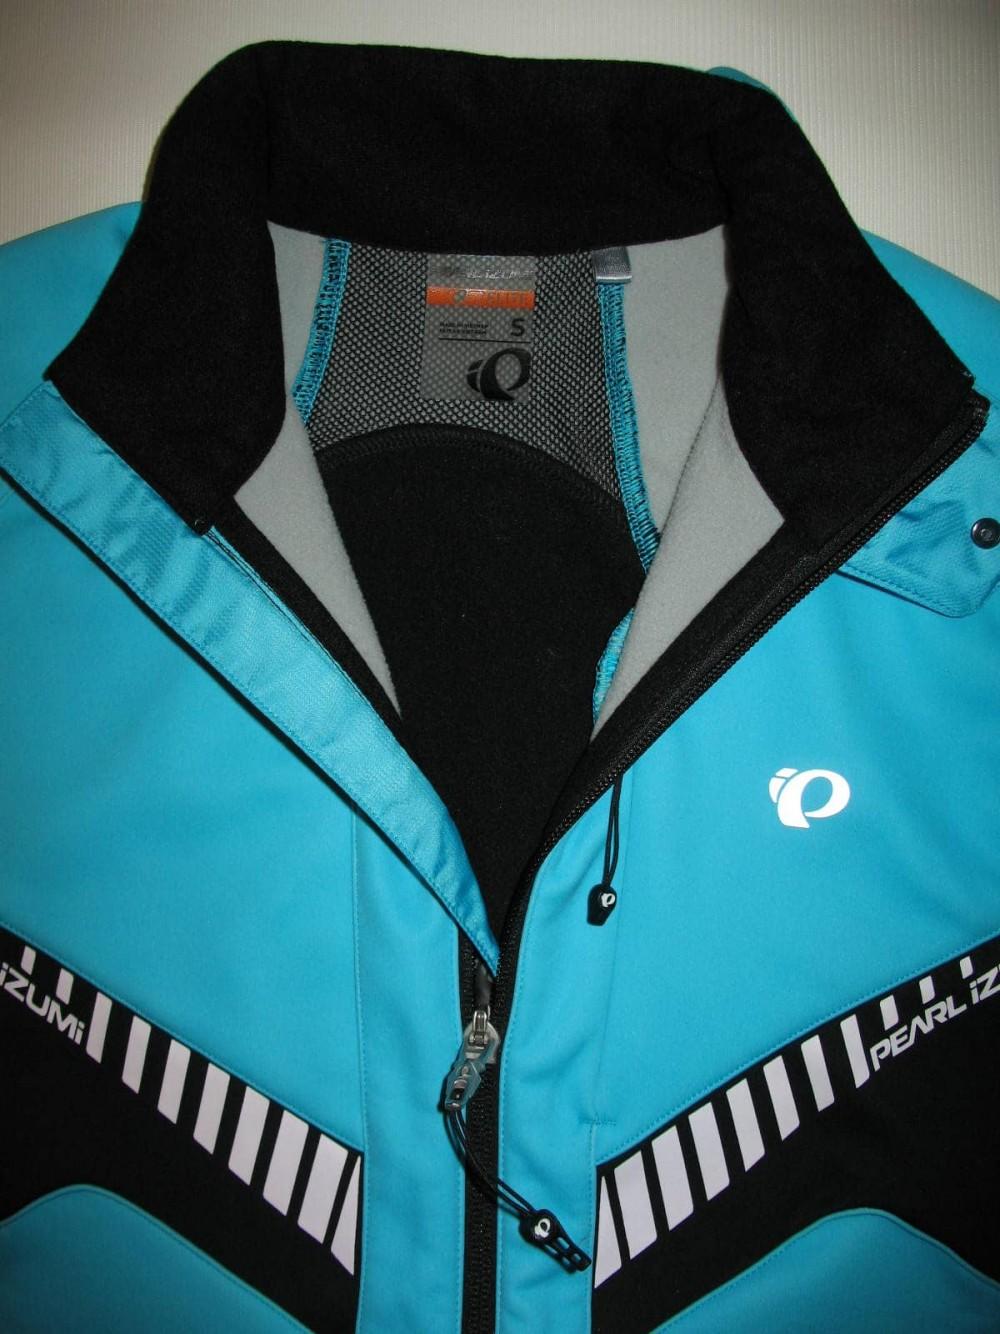 Велокуртка PEARL IZUMI elite softshell cycling jacket (размер S/M) - 6